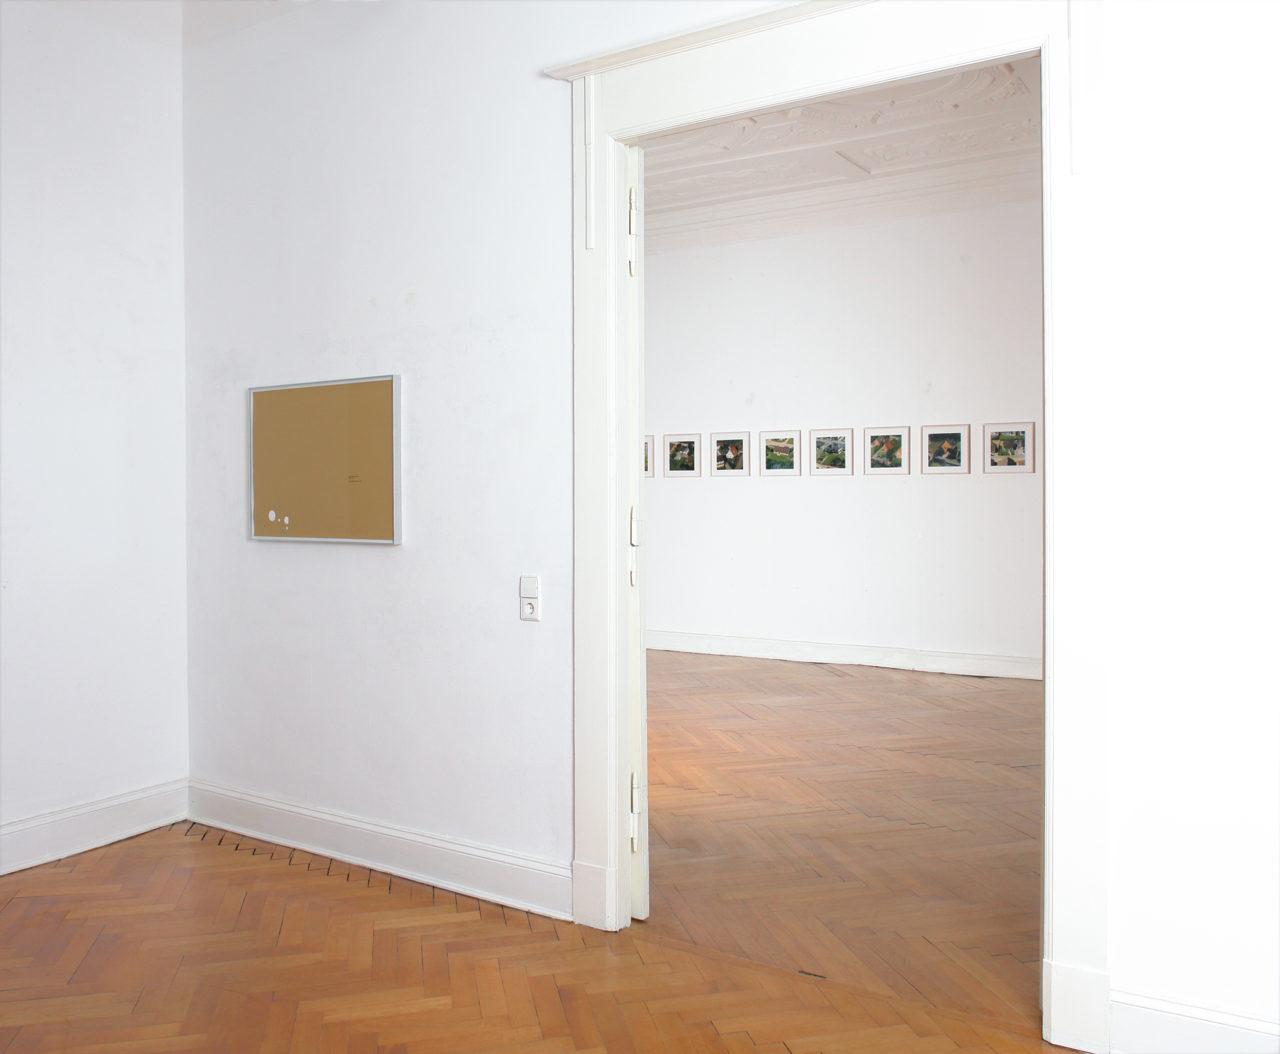 Vordergrund: Christopher Williams, 332 min 17 sec (2004); Hintergrund: Peter Piller, Pfade (2003) & Überflug (2003)